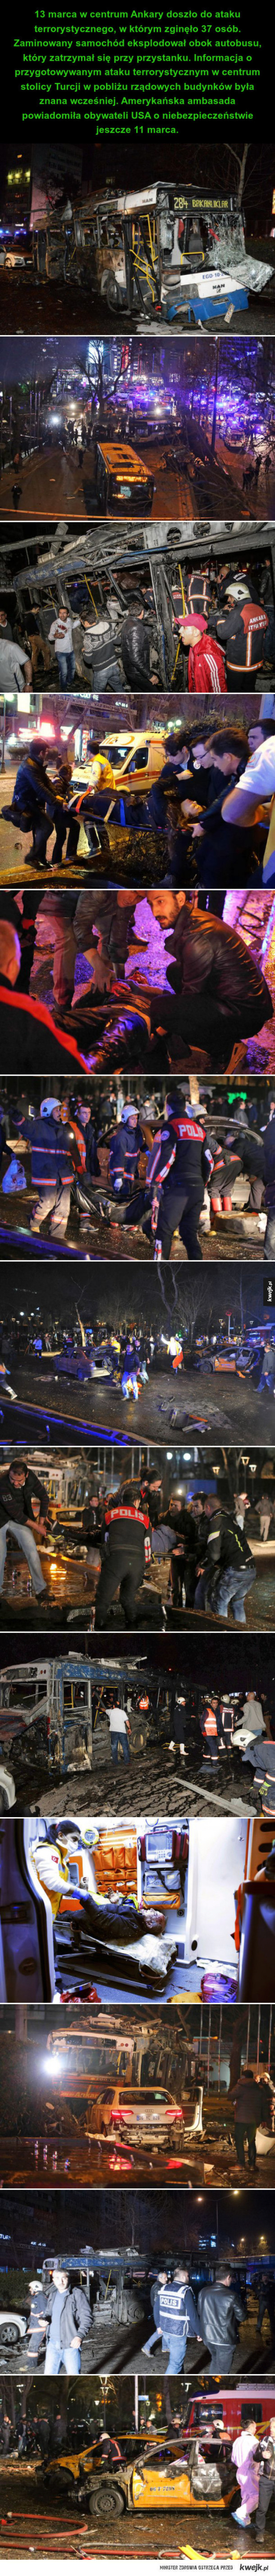 w centrum Ankary doszło do ataku terrorystycznego